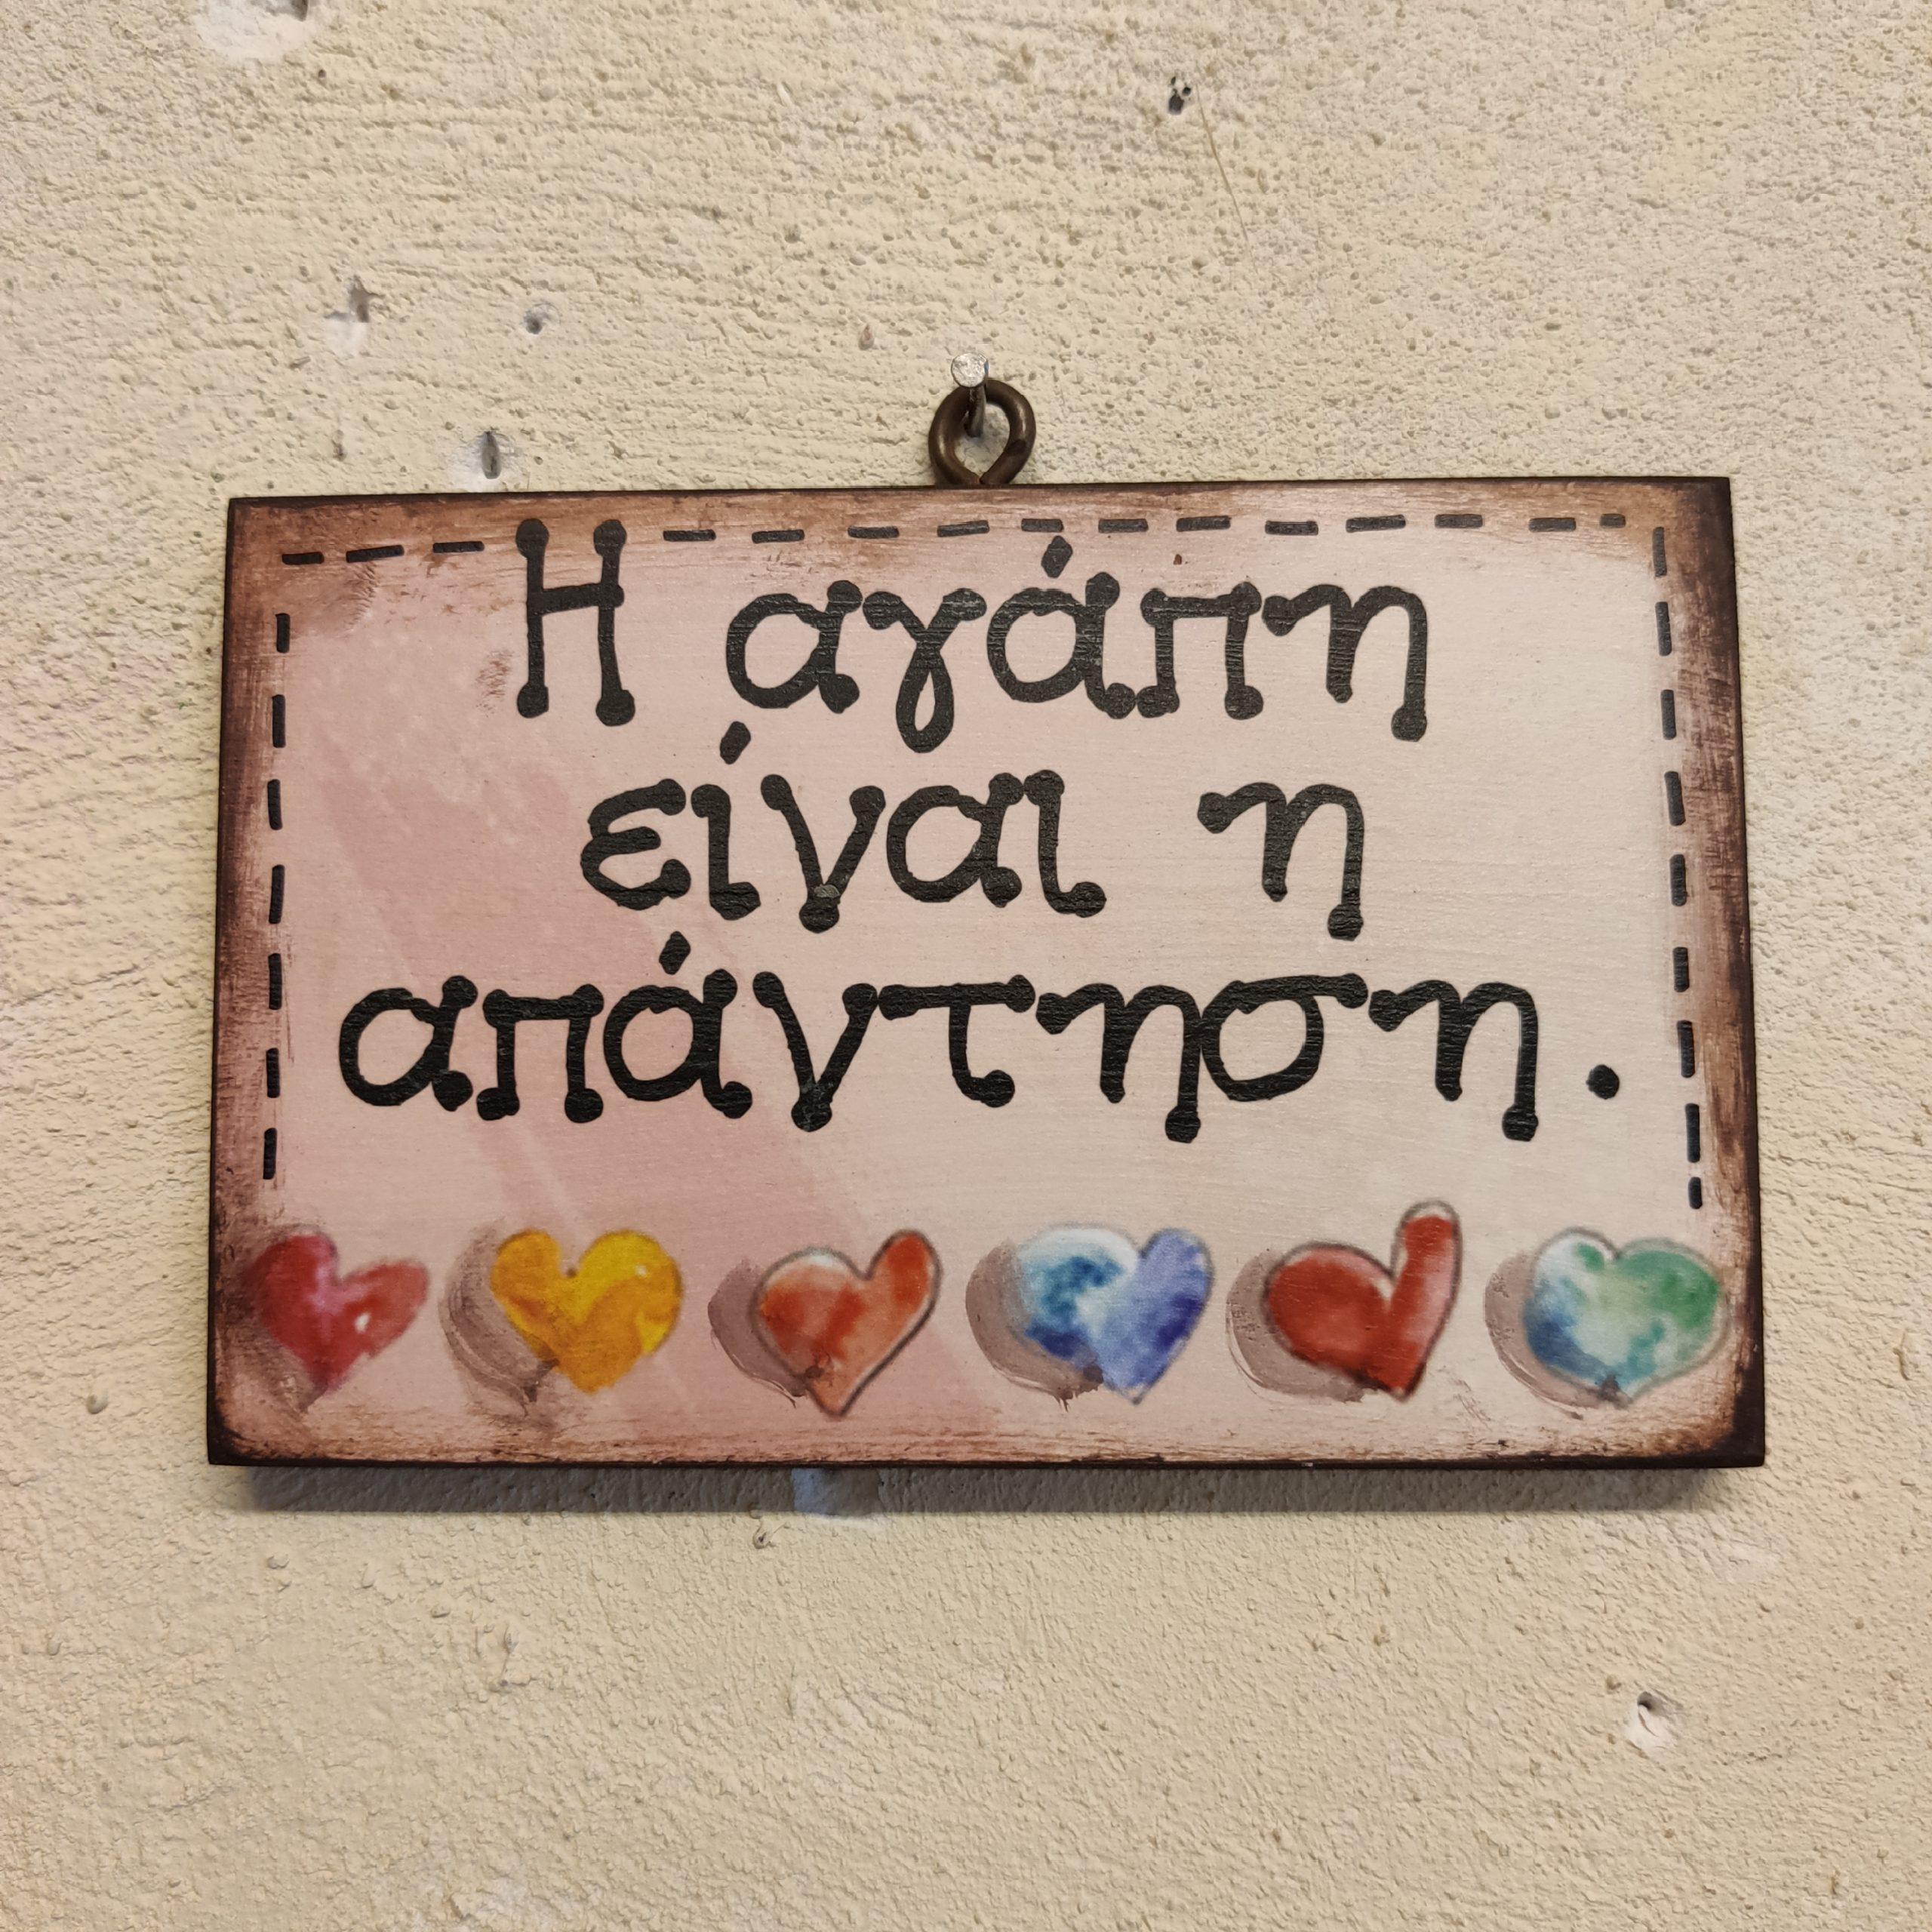 Η αγάπη είναι η απάντηση